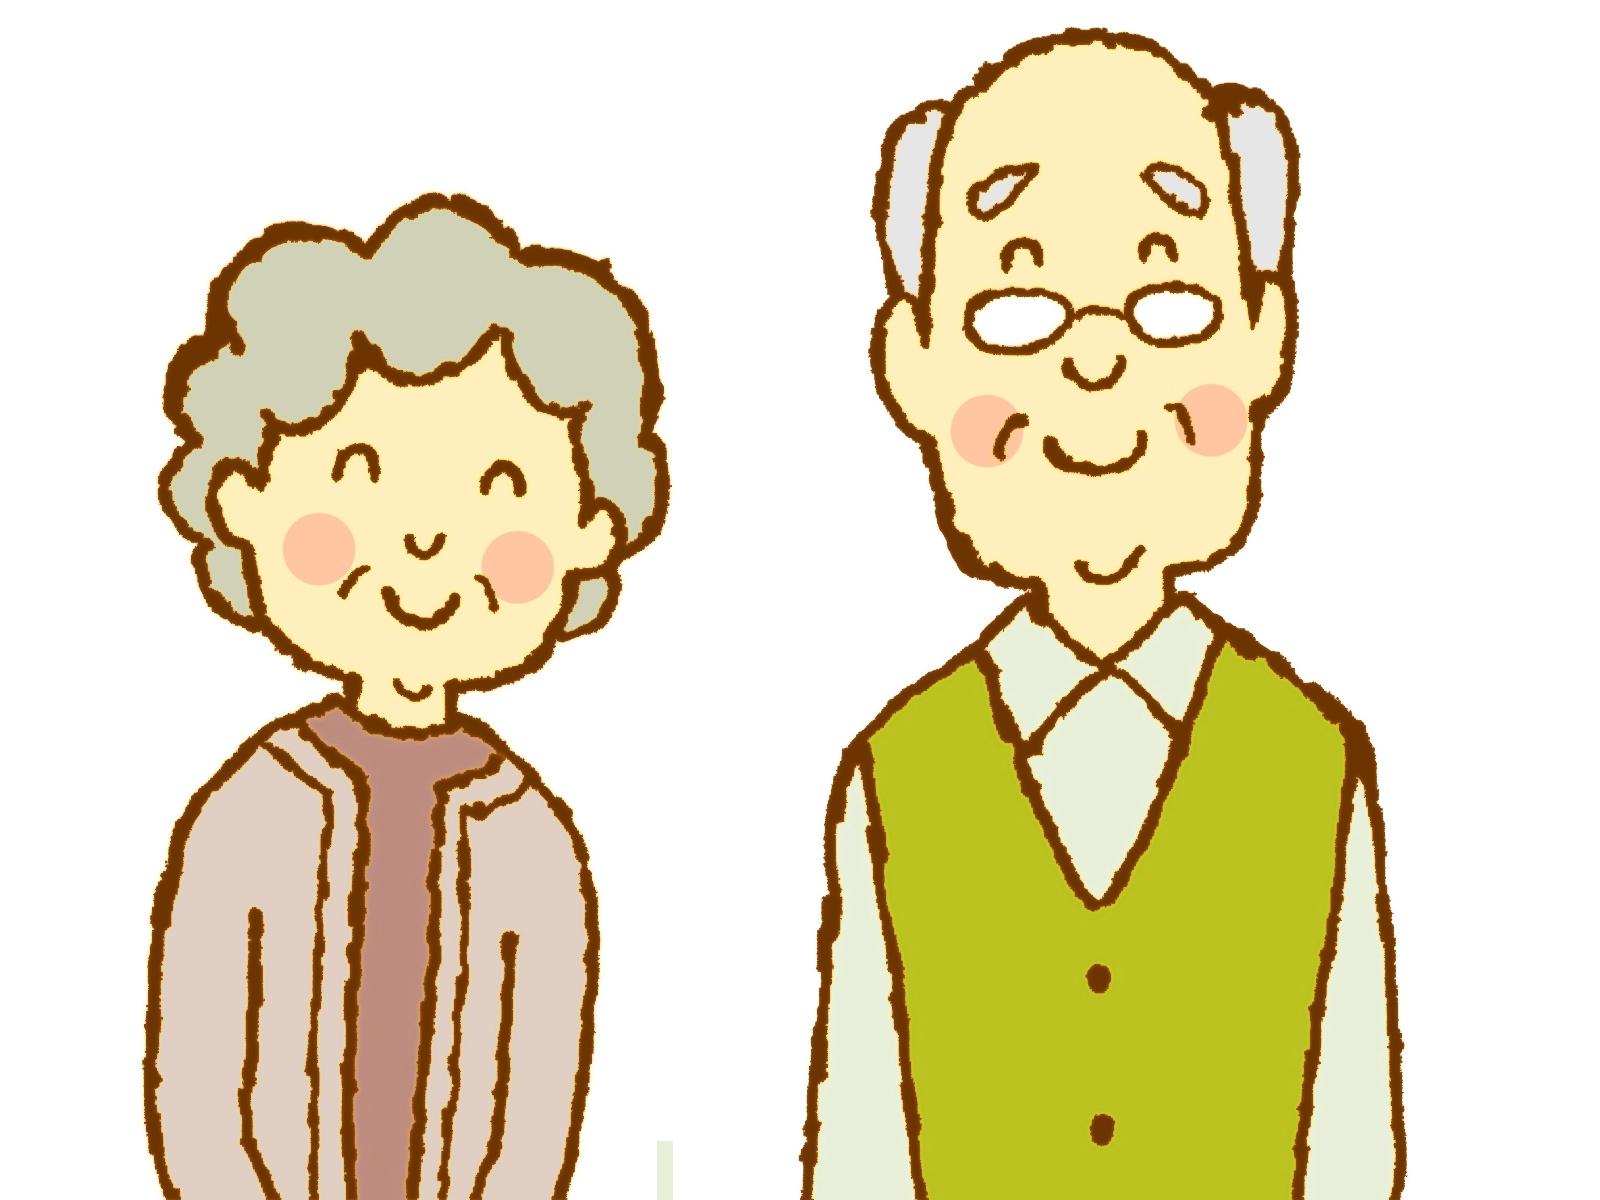 本人も家族も長生きを喜び合える介護ってなんだろうか?